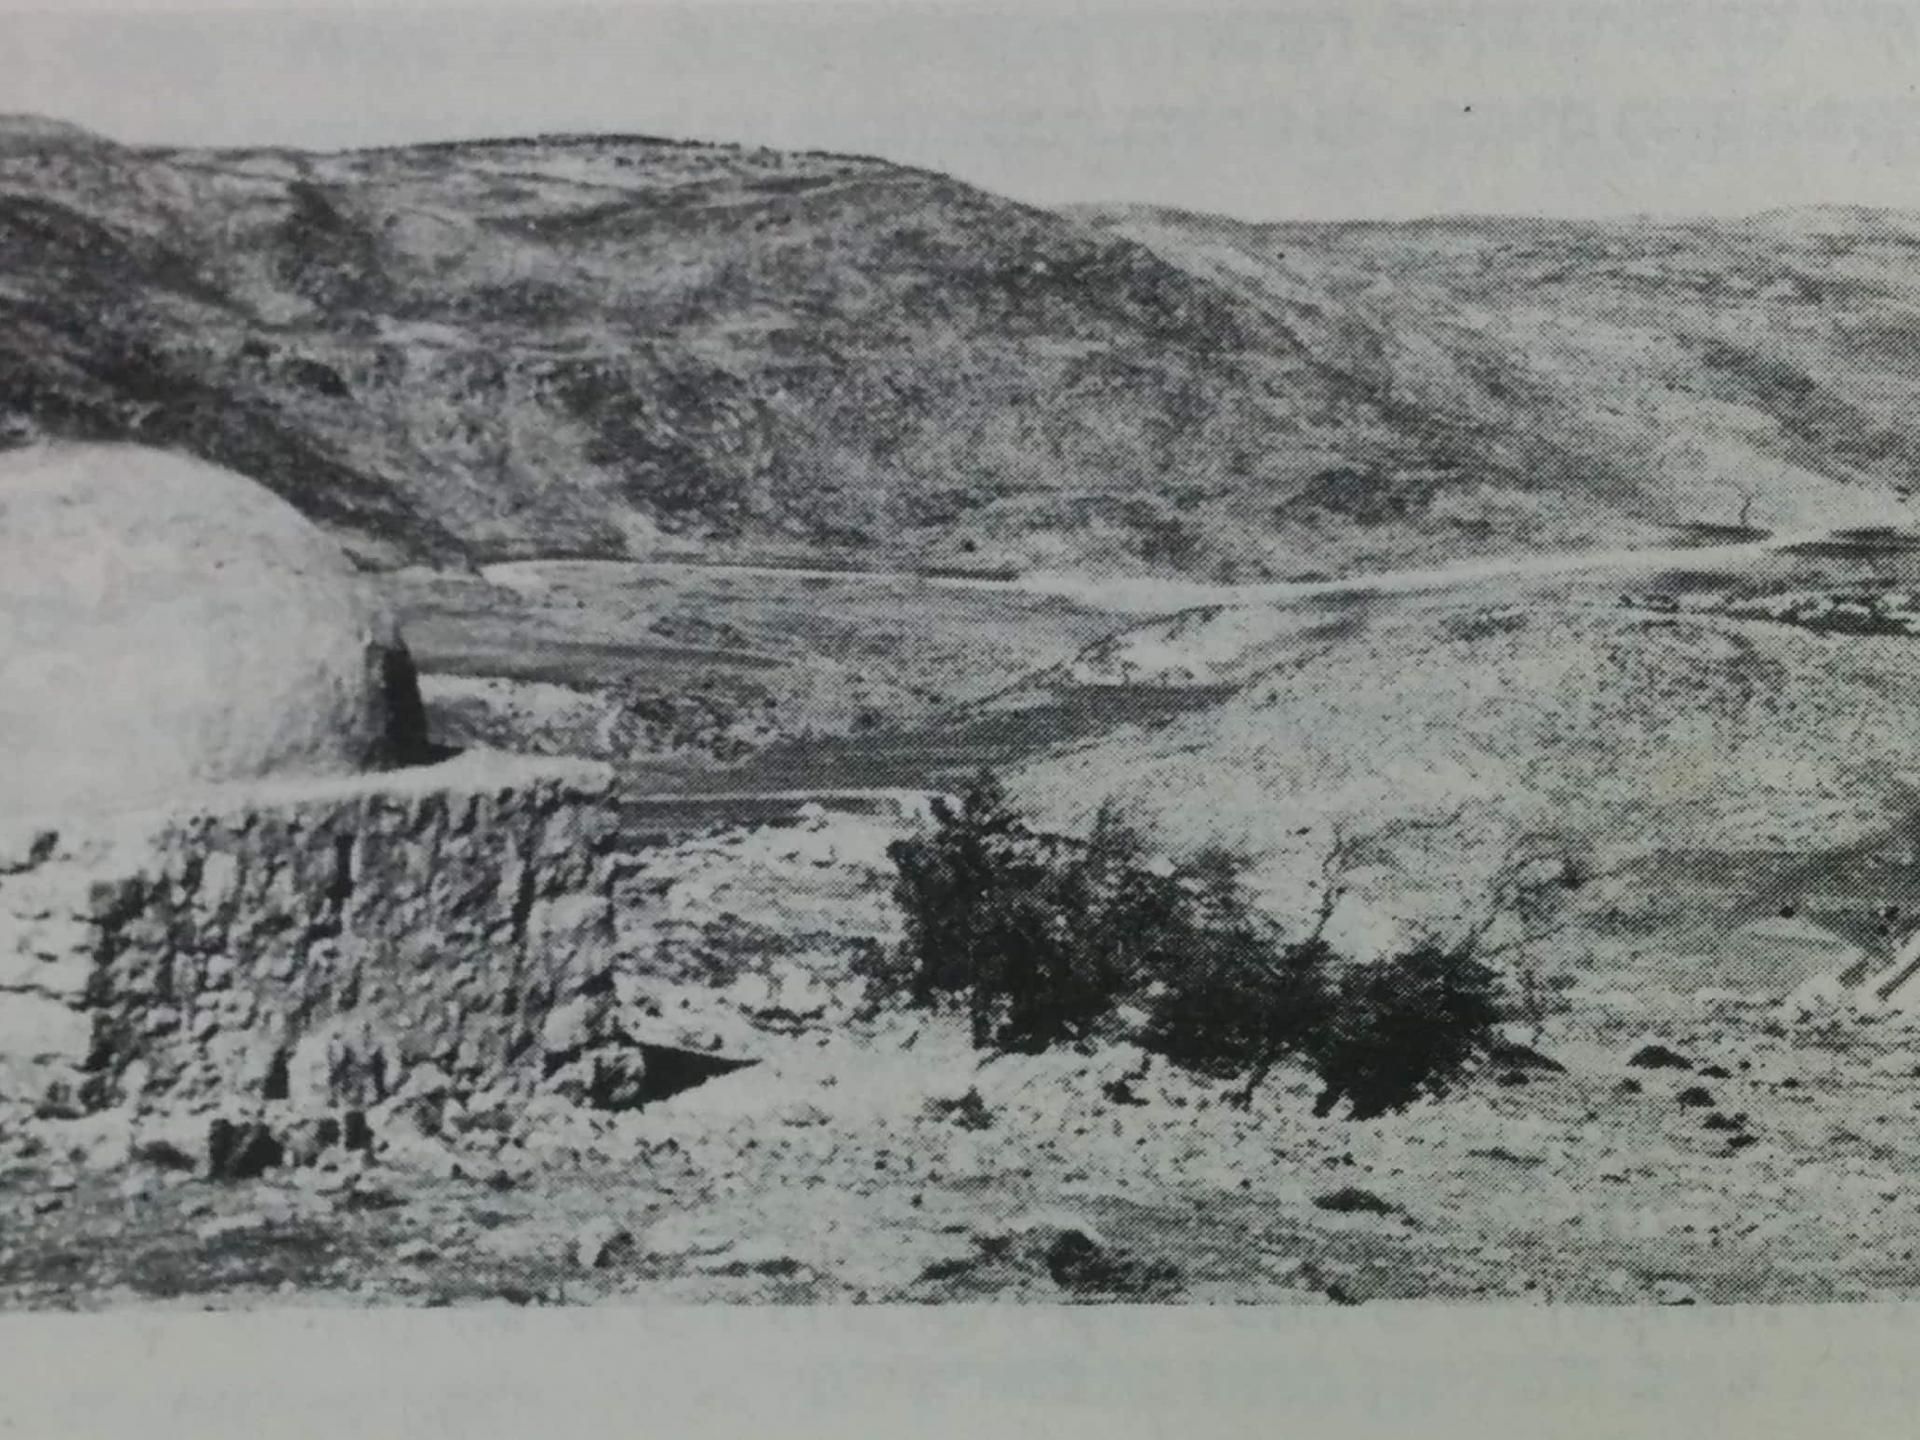 צילום של מקאם סת' זהרה של הצלם עמיקם שווב מ1975 מראה מבנה מוצק ושלם.